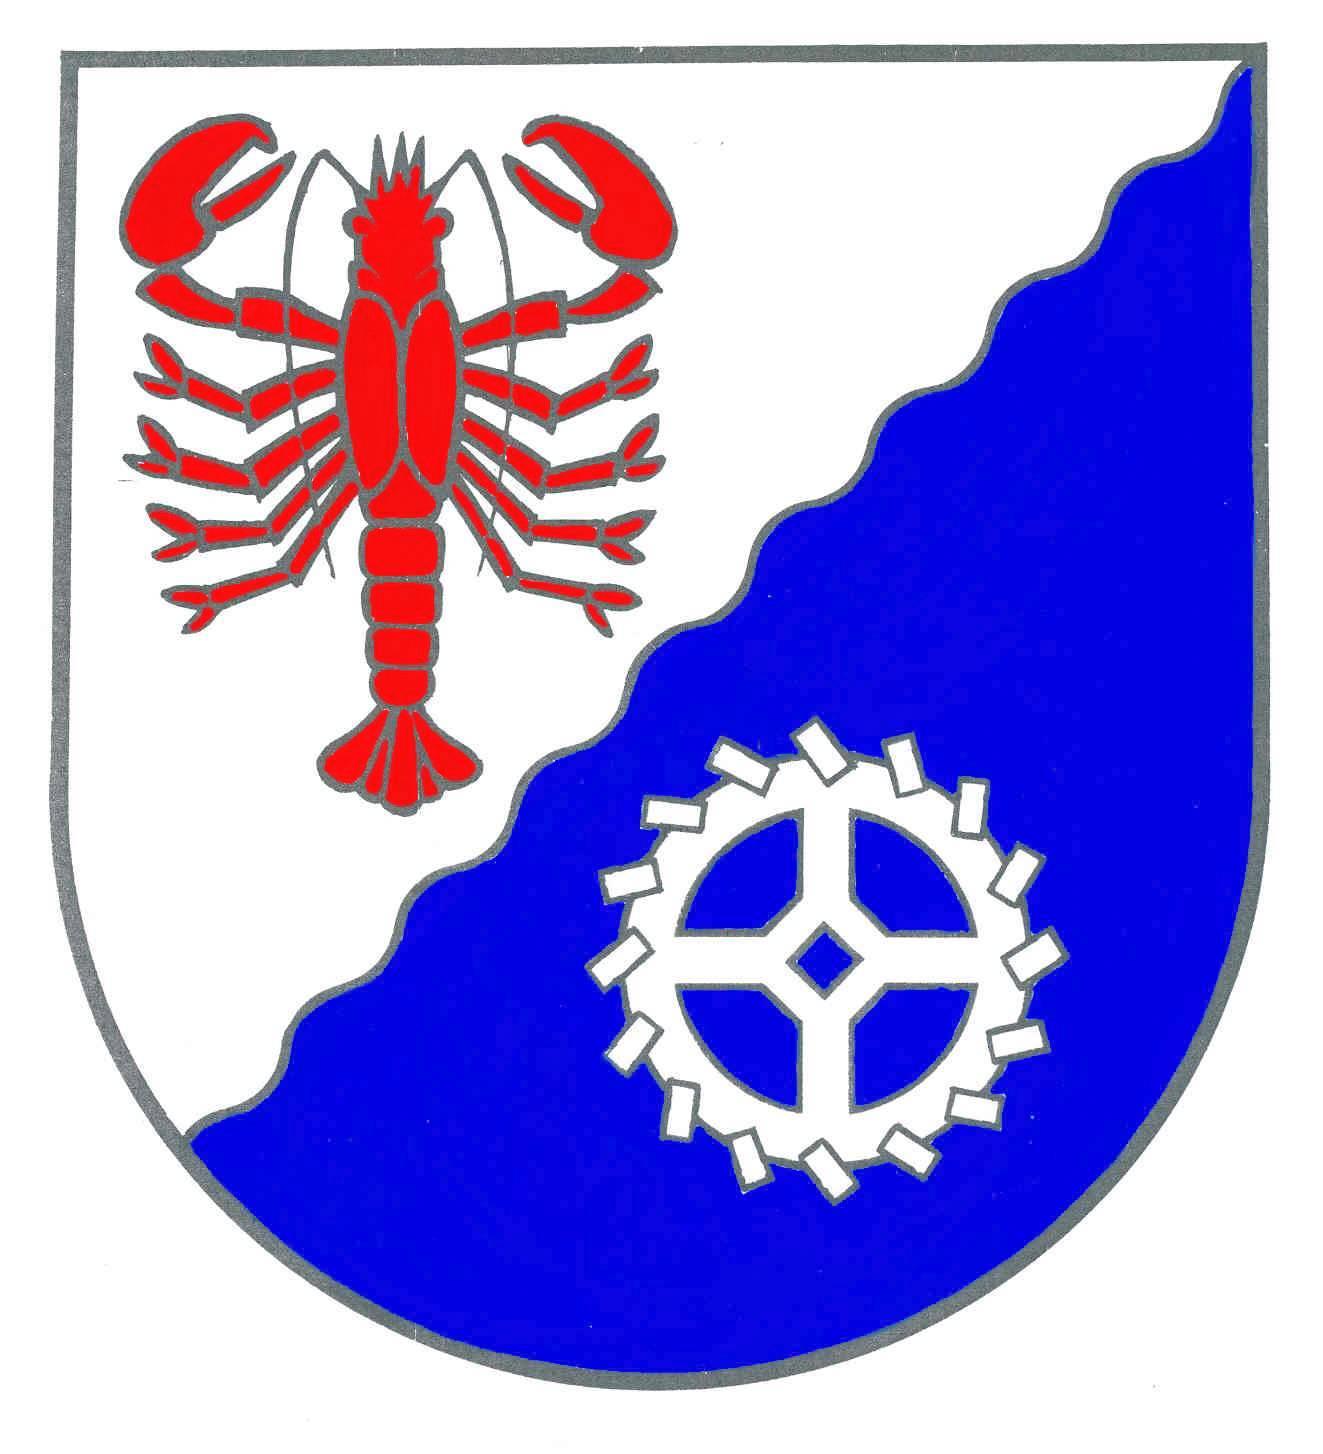 Wappen GemeindeHohenfelde, Kreis Plön